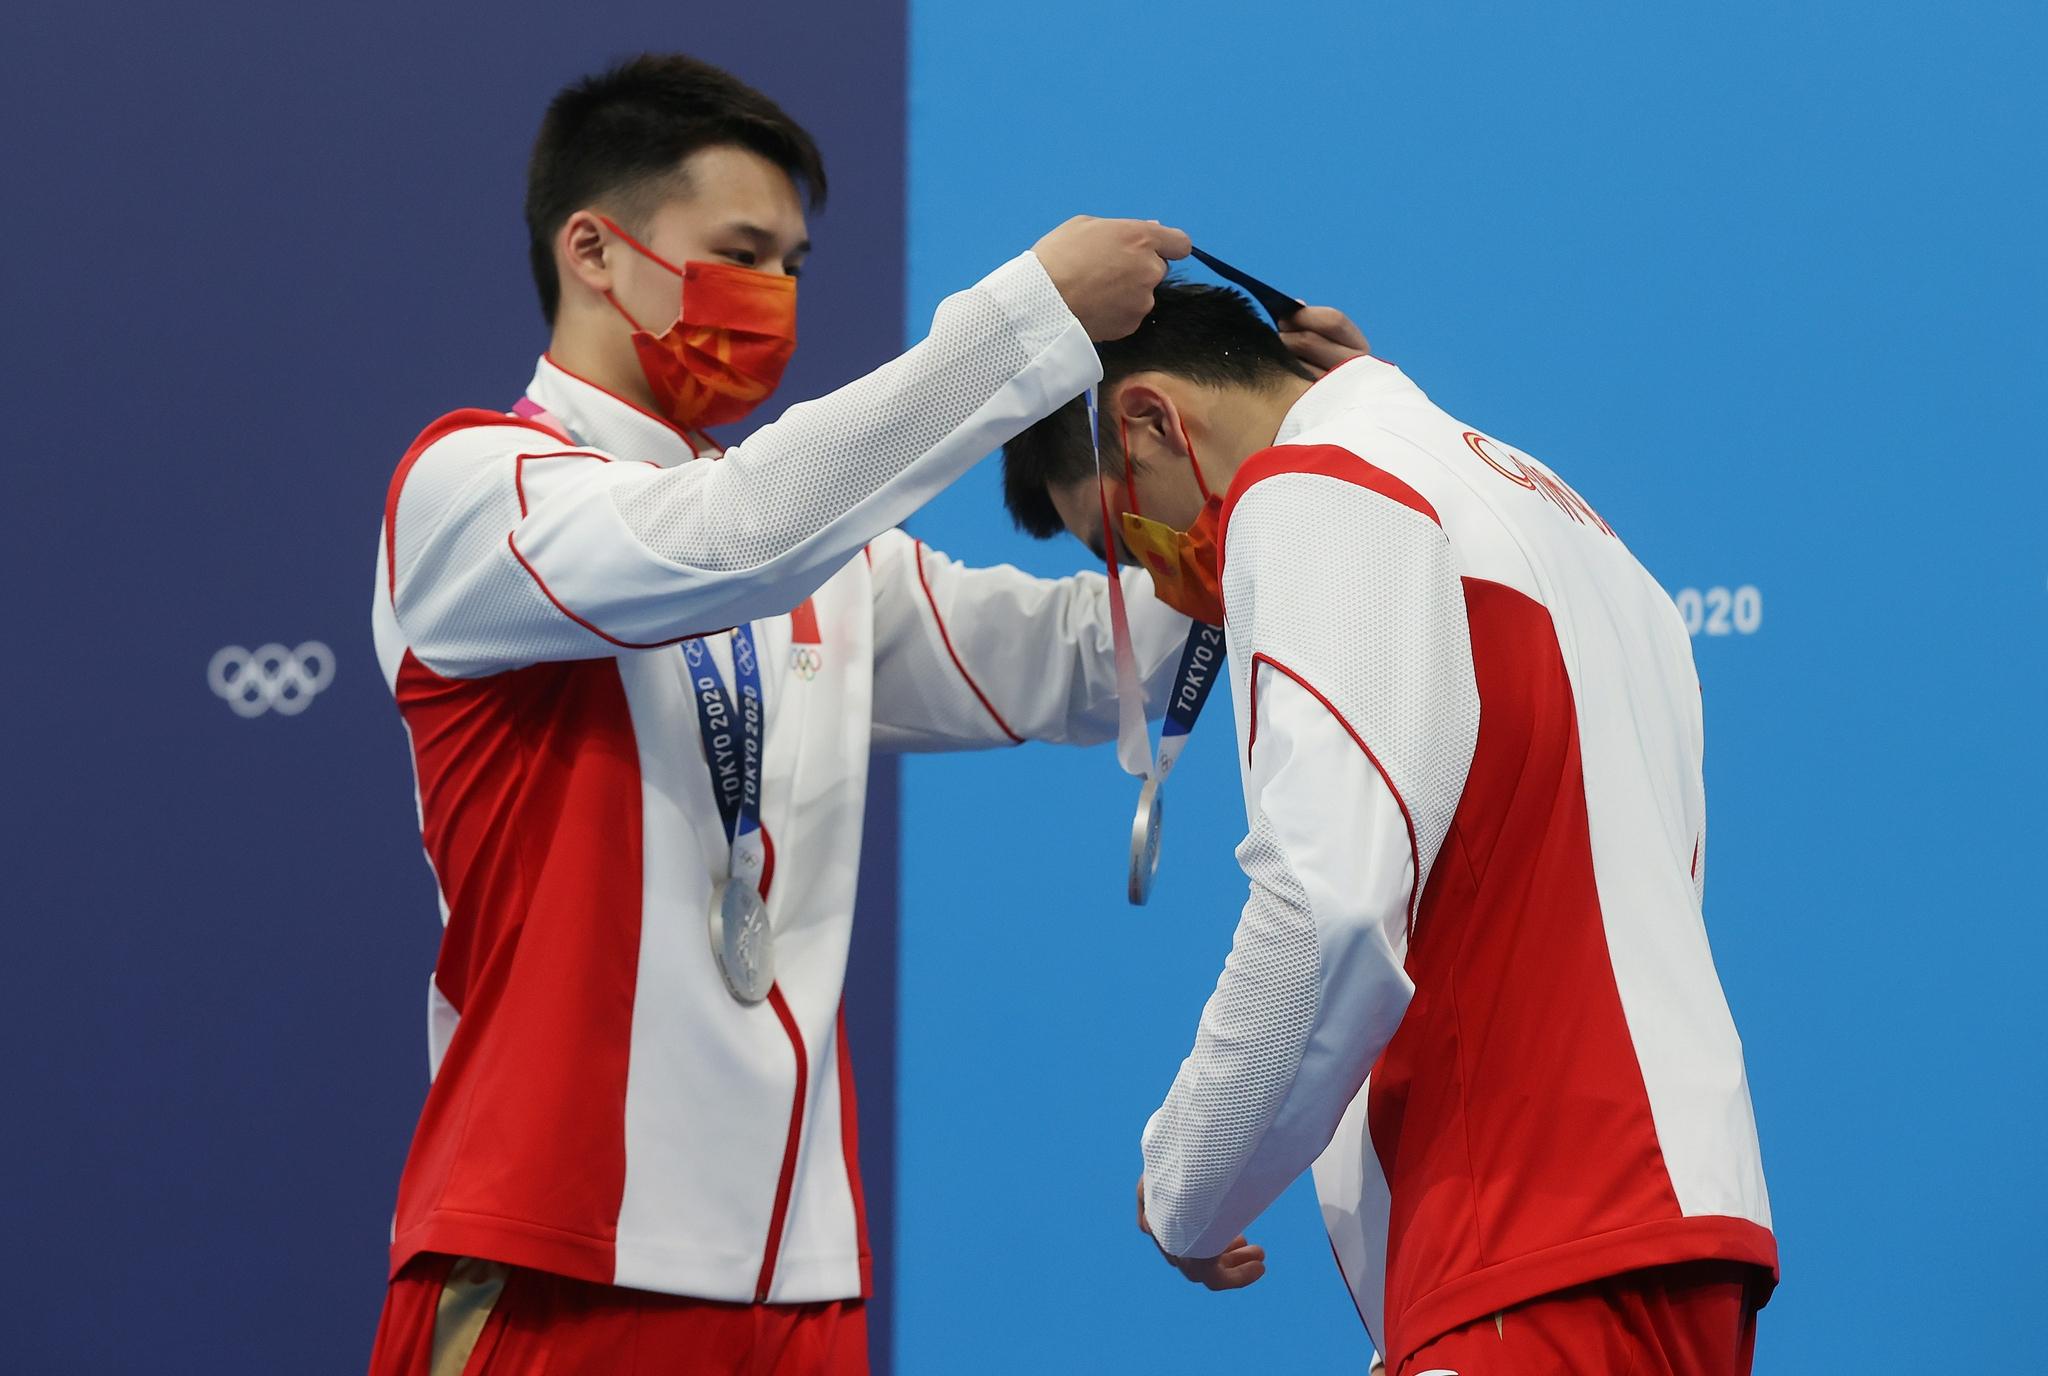 陈艾森为曹缘戴上银牌。